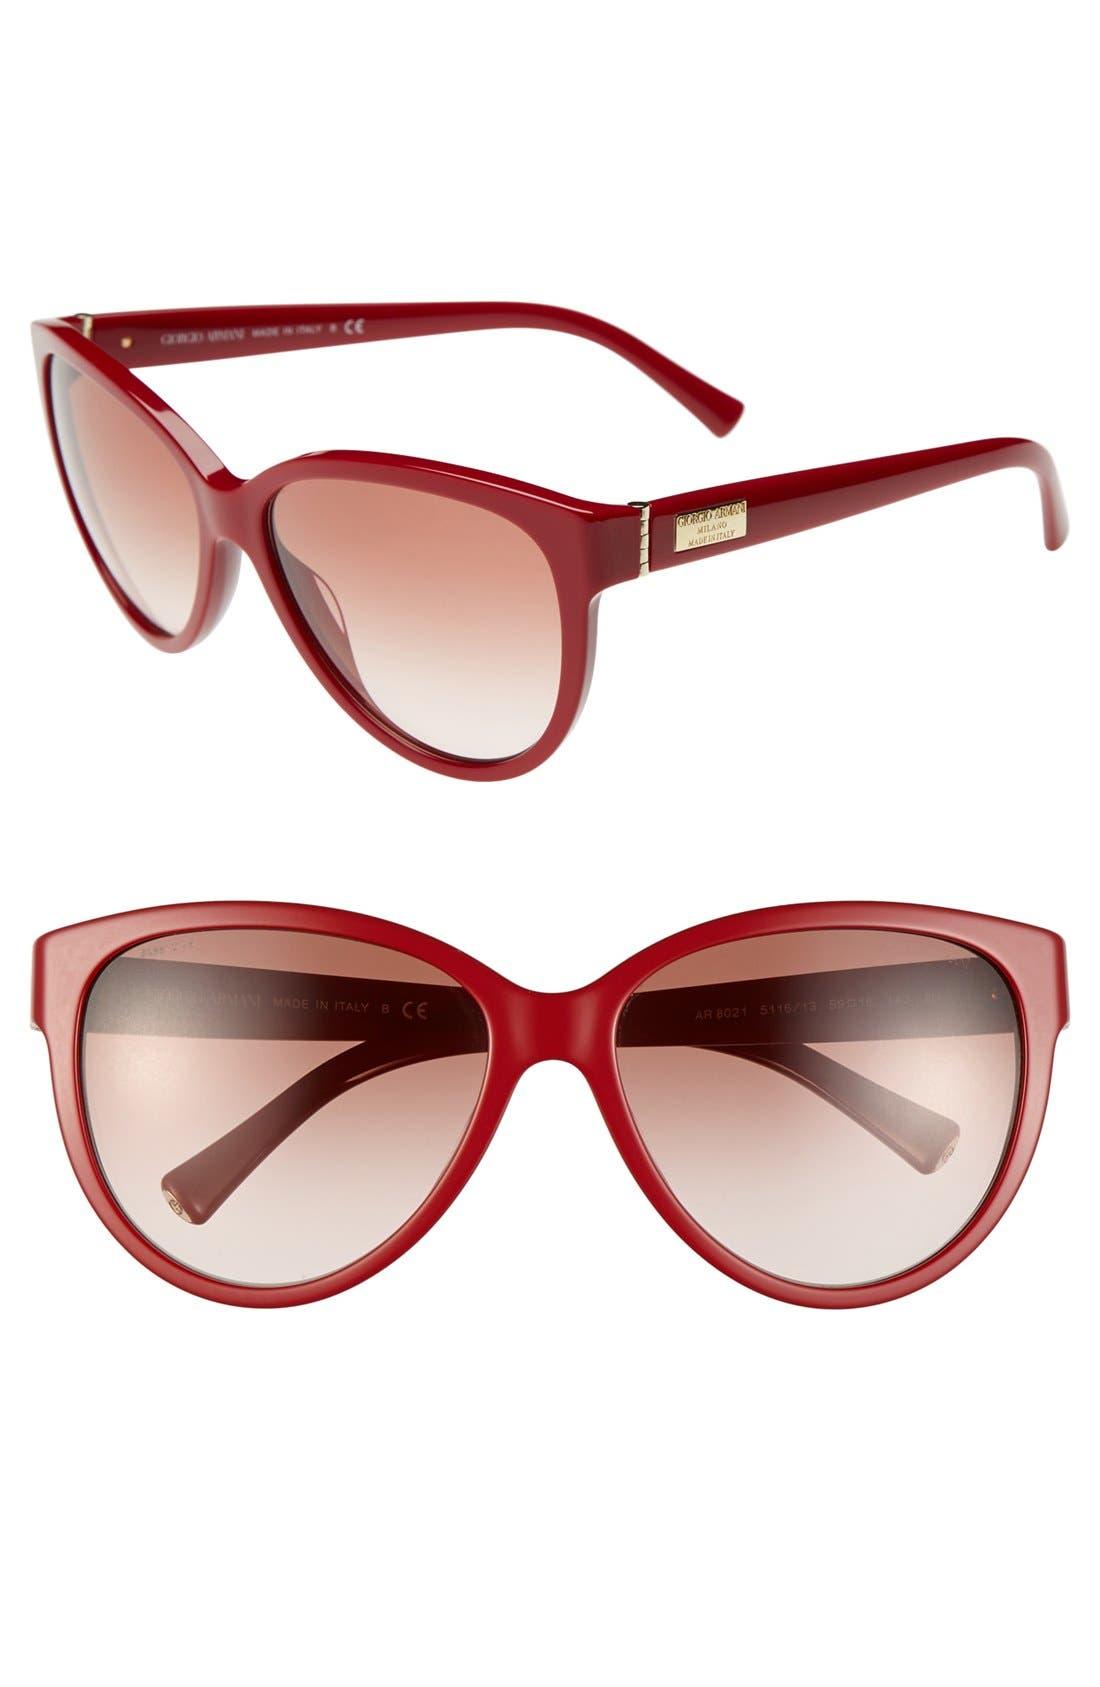 Main Image - Giorgio Armani 59mm Cat Eye Sunglasses